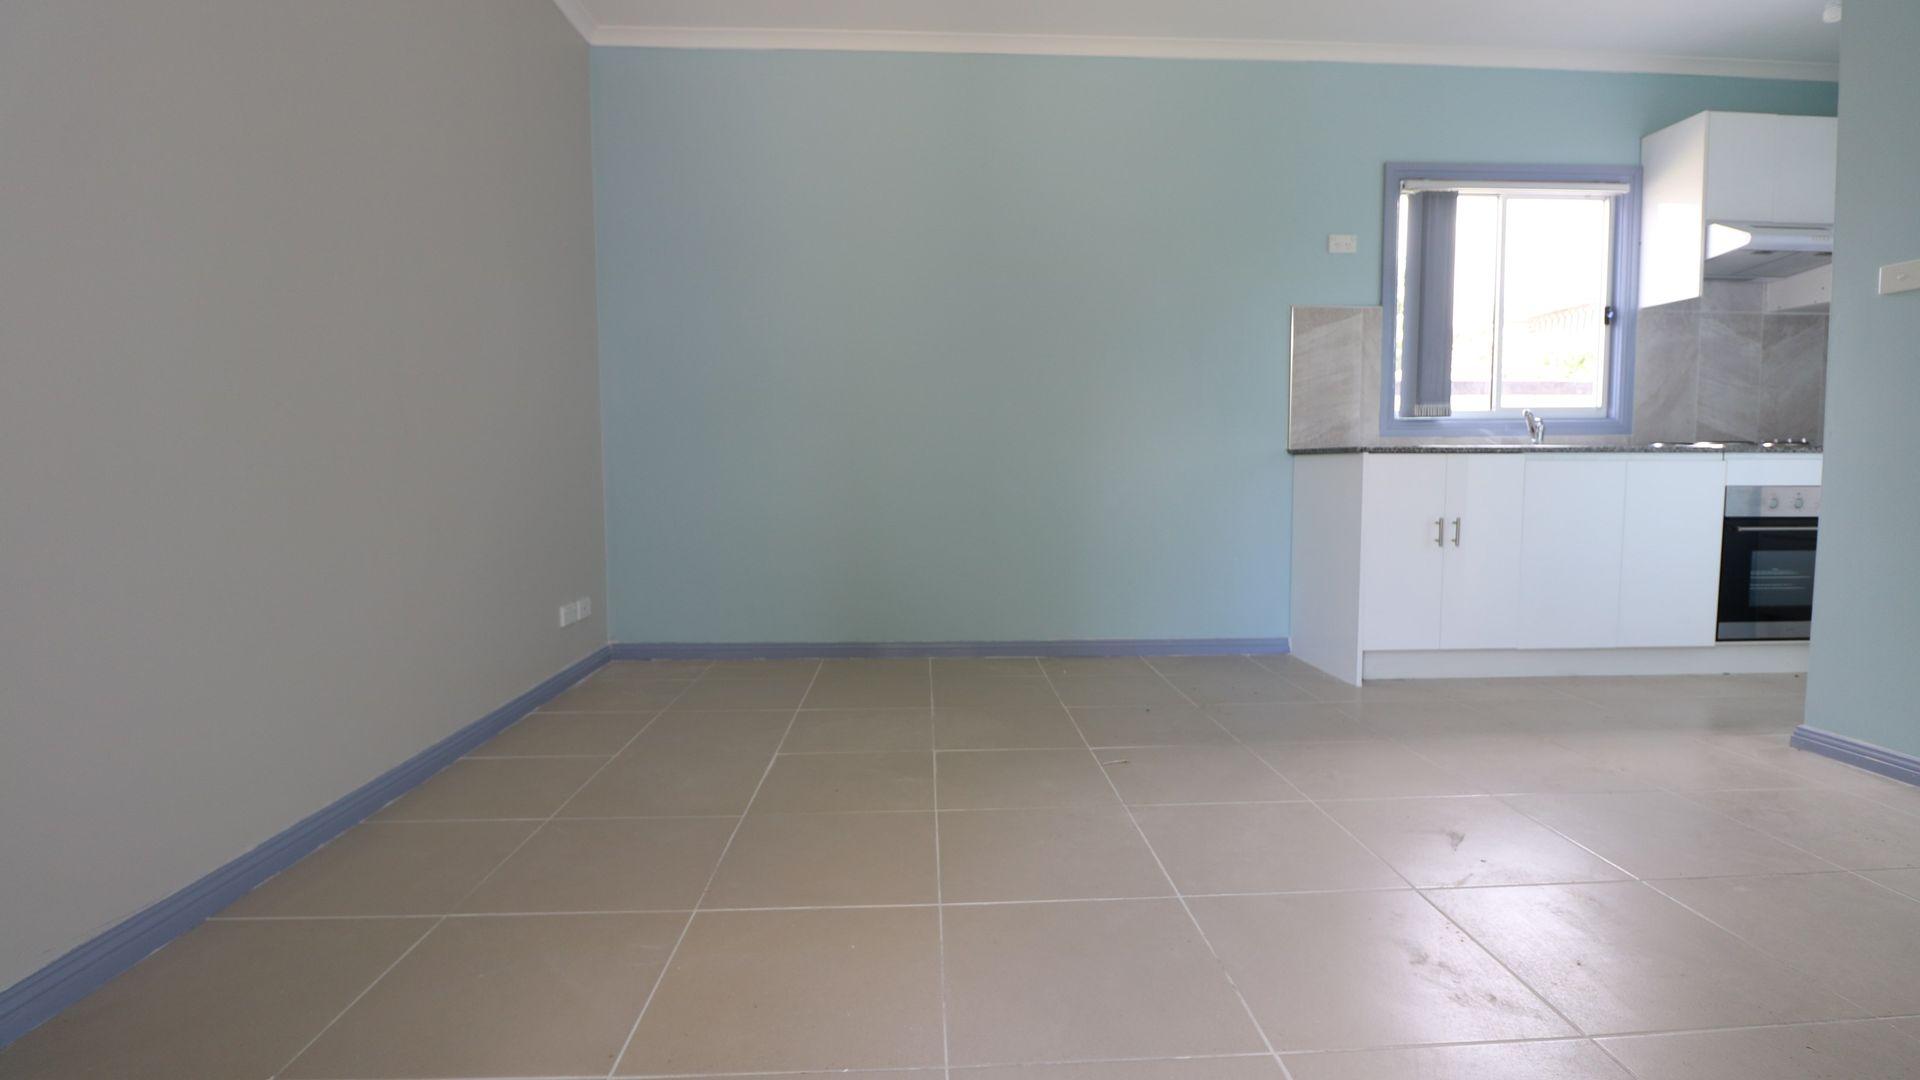 10a Annette Street, Cabramatta West NSW 2166, Image 1